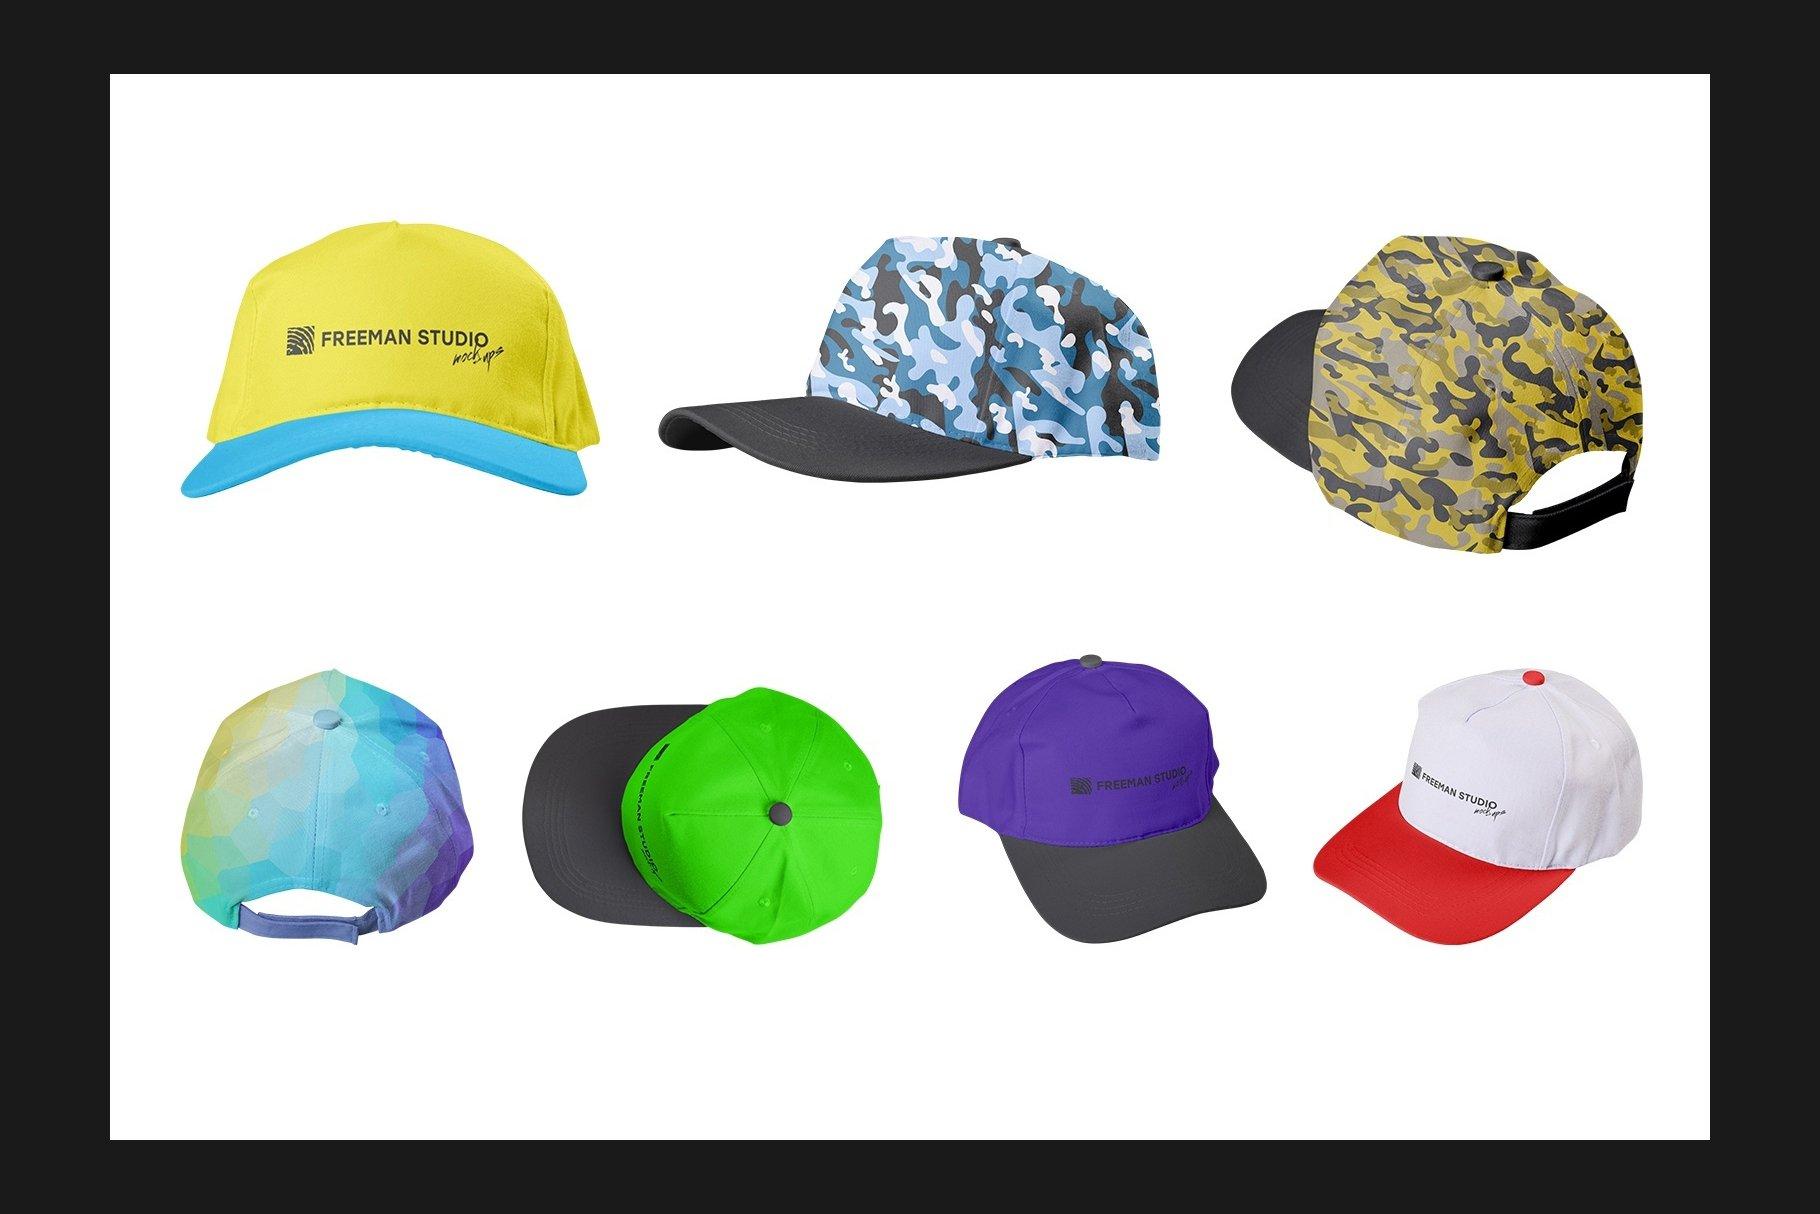 45个超大工装帽子安全帽品牌Logo设计智能贴图样机PSD模版素材 Working Overalls Suit Mock-Up Set插图13